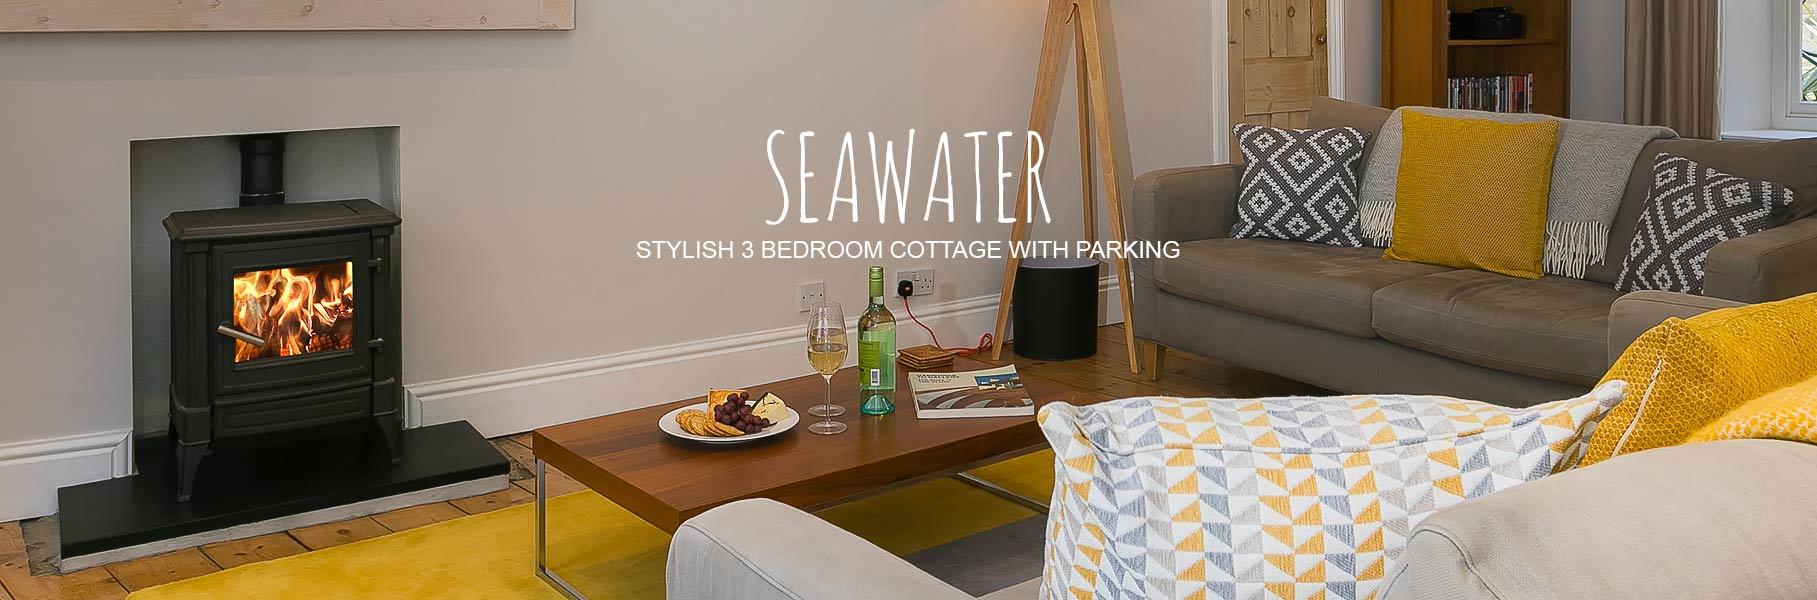 sostives-seawater-cottage-st-ives